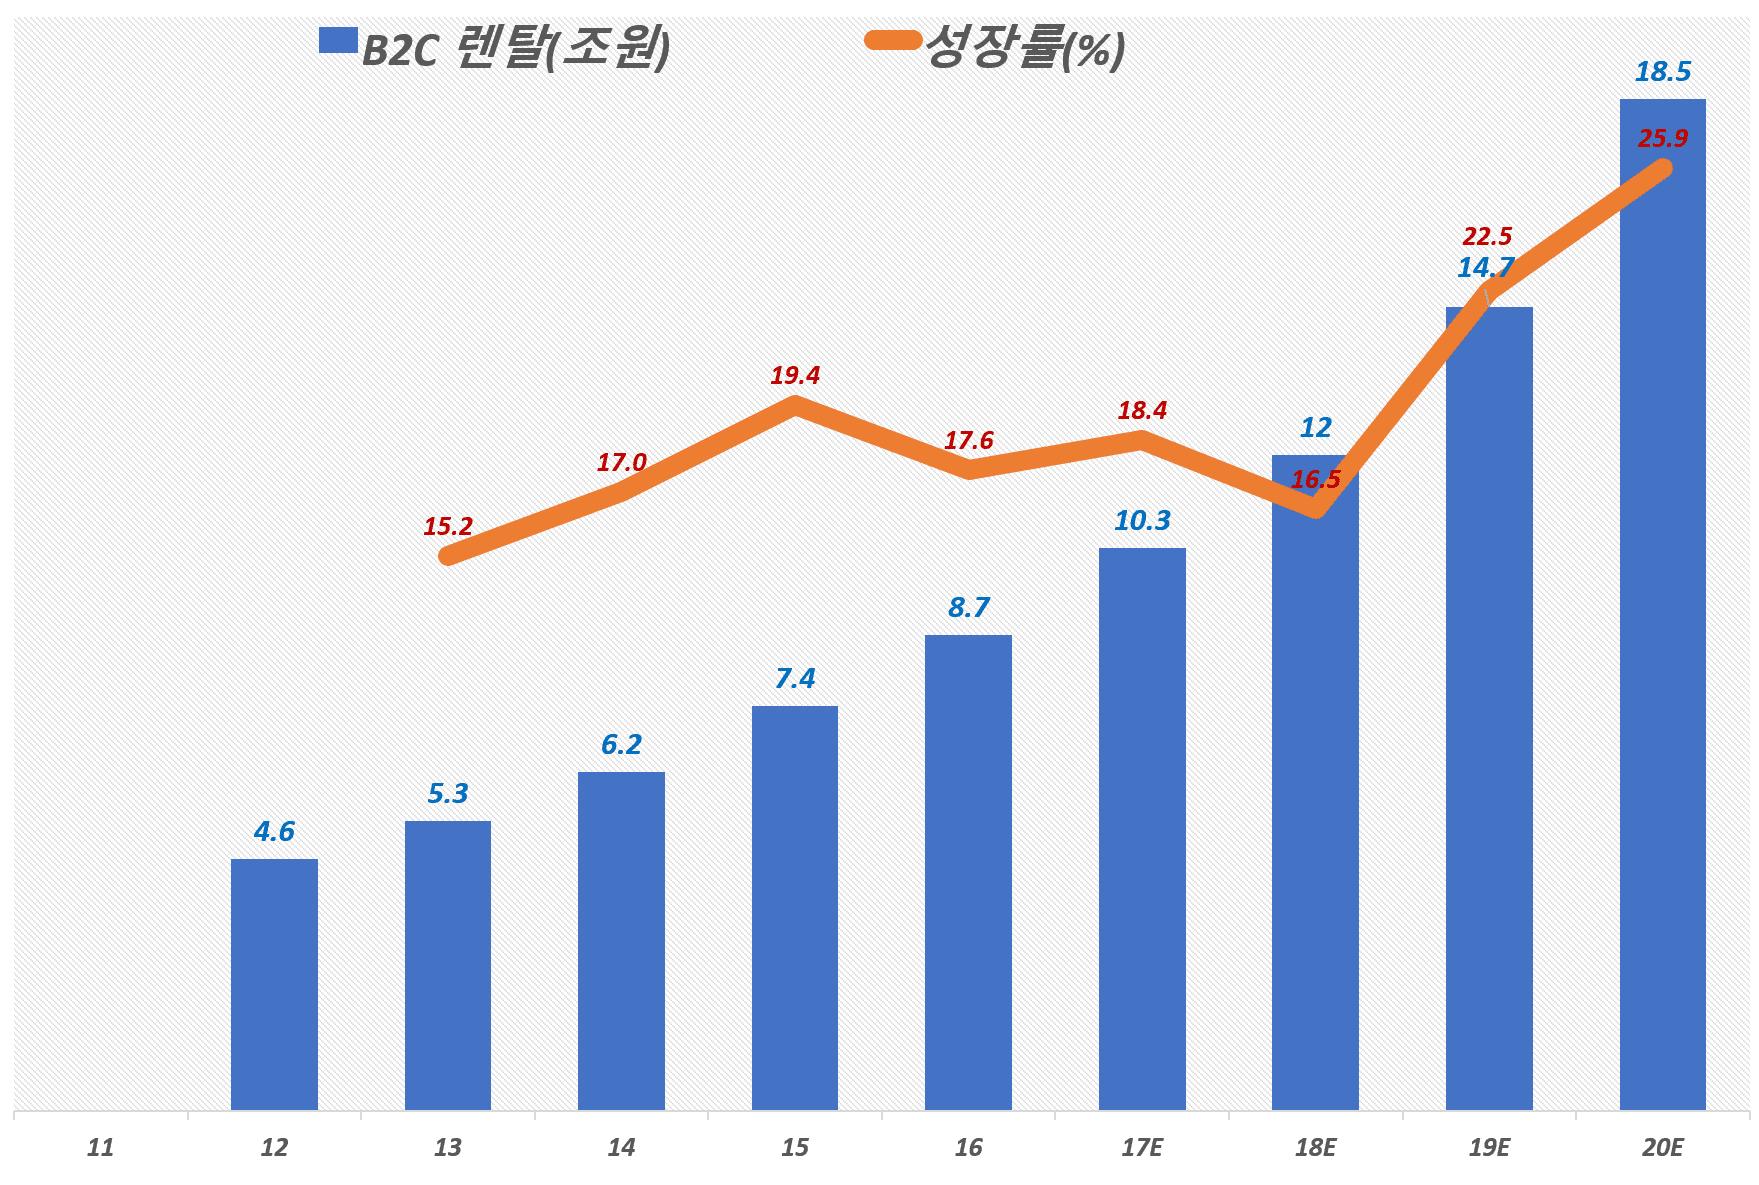 한국 렌탈 시장 중 B2C 렌탈 시장 규모 및 성장율, 2016년 KT경제연구소, ICT로 진화하는 스마트 렌탈 시장의 미래 참조, Graph by Happist